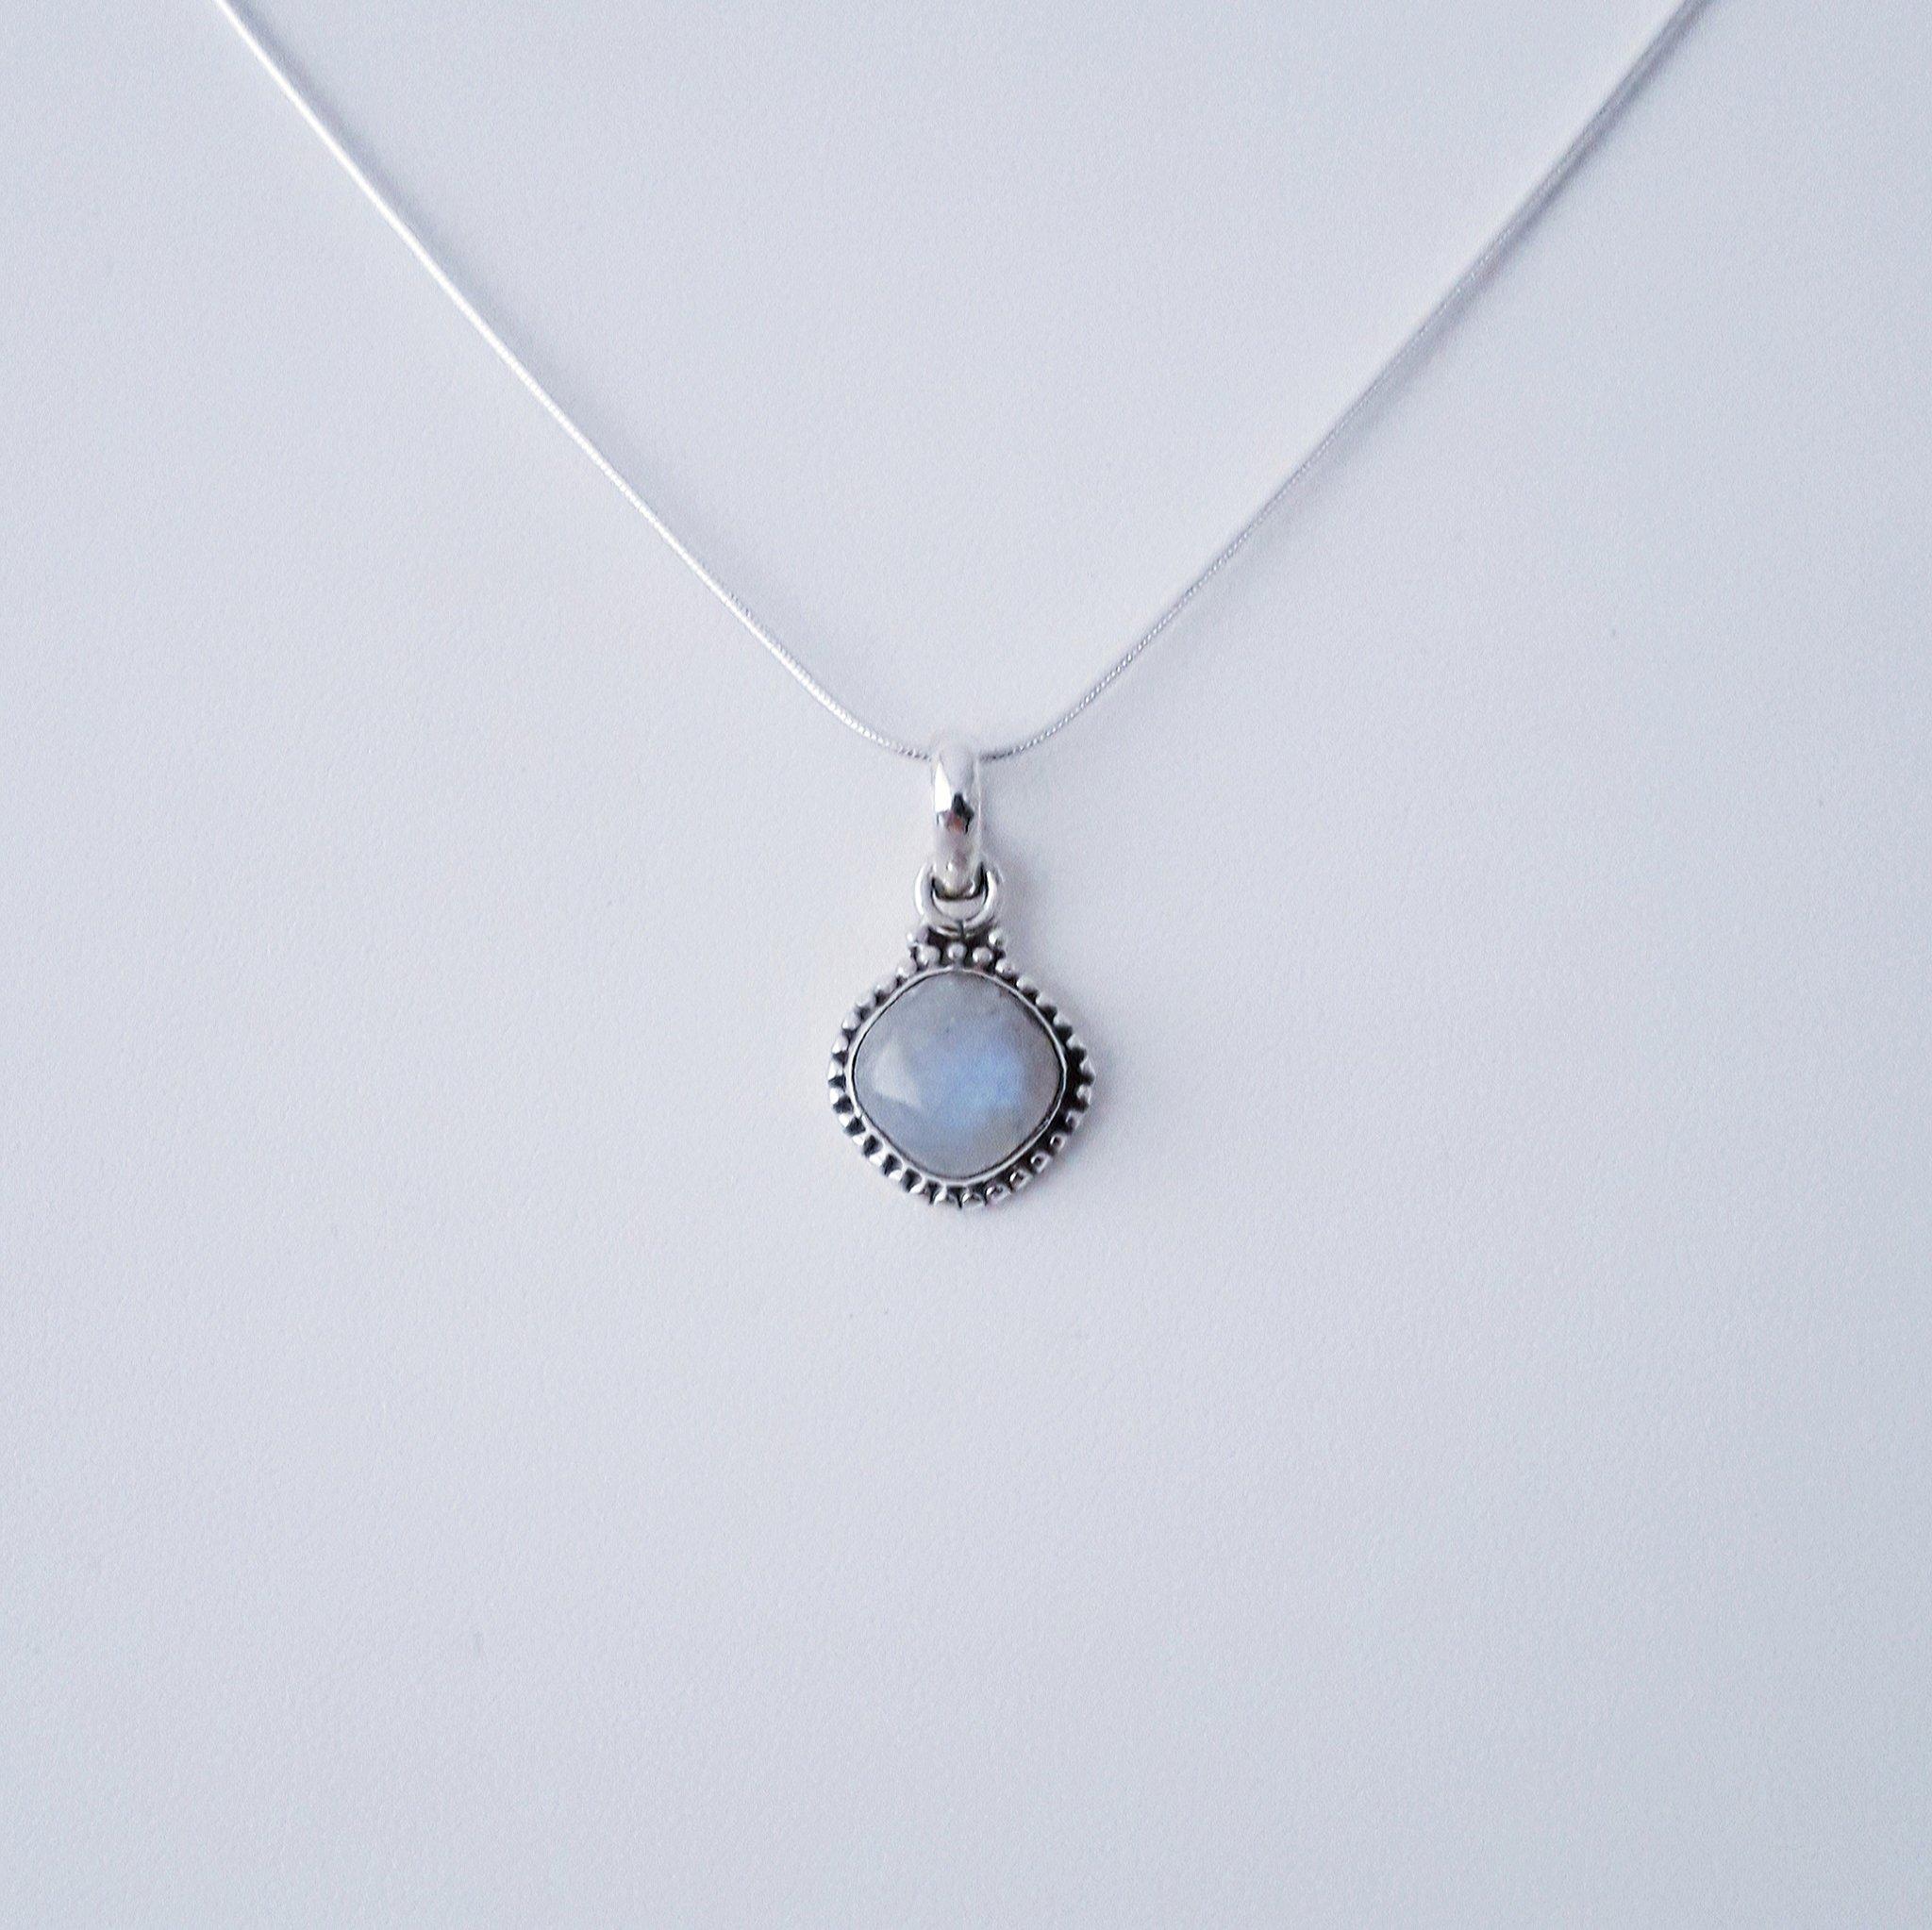 Zilveren hanger met maansteen